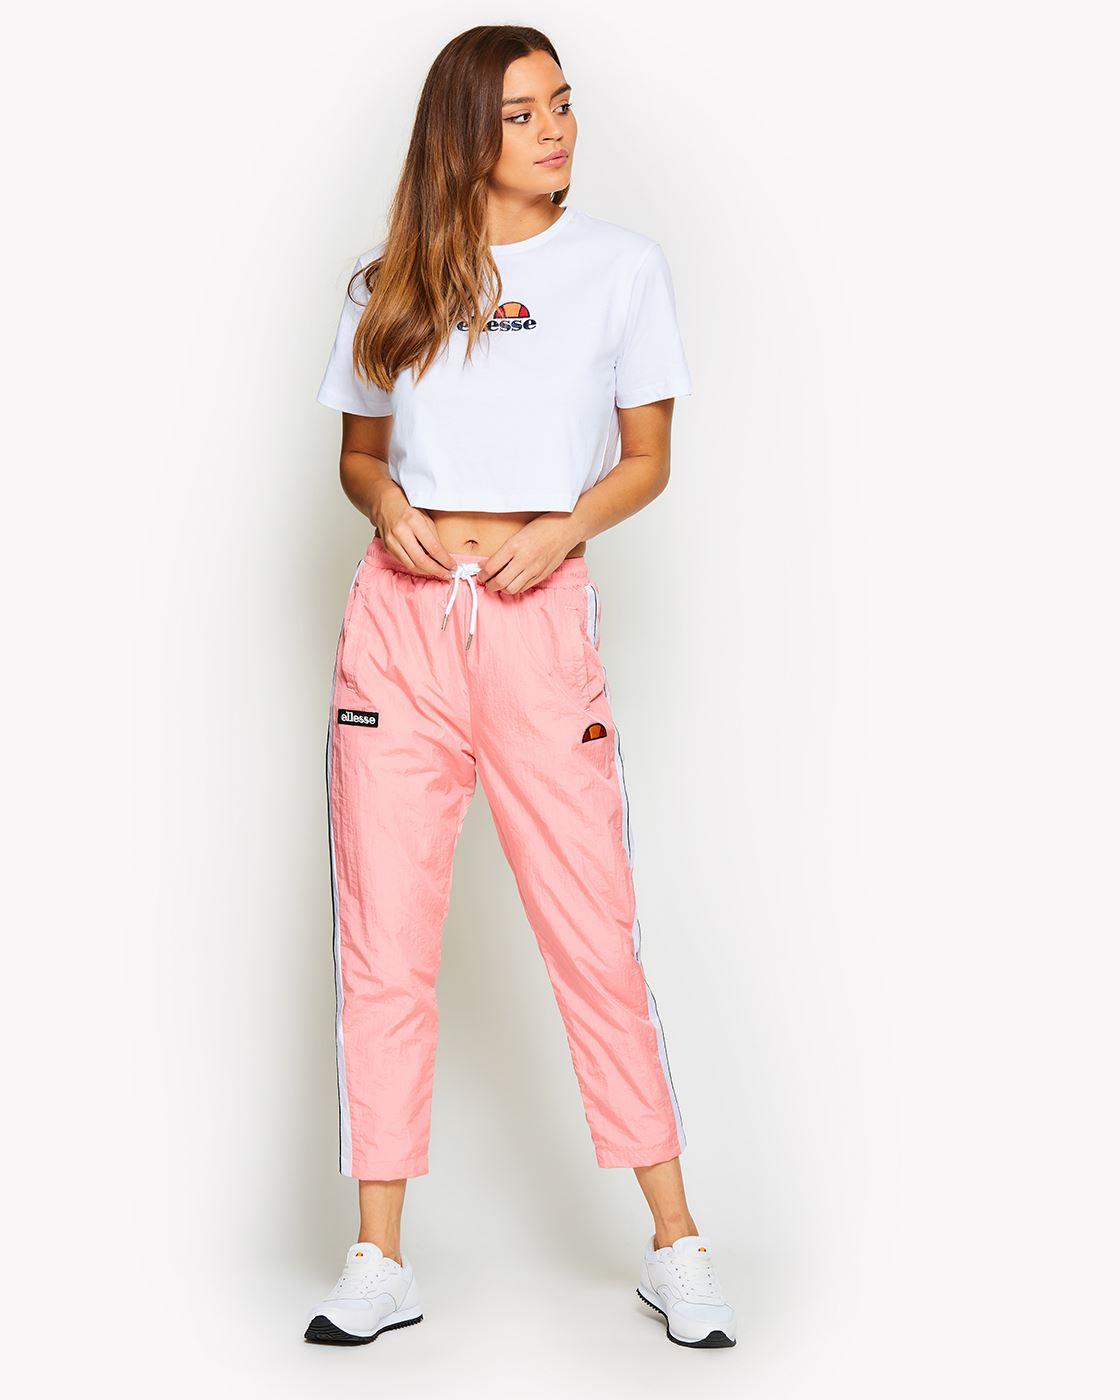 Ellesse-Women-Crop-Cotton-T-Shirt-Summer-Top-in-Pastel-Colours thumbnail 14